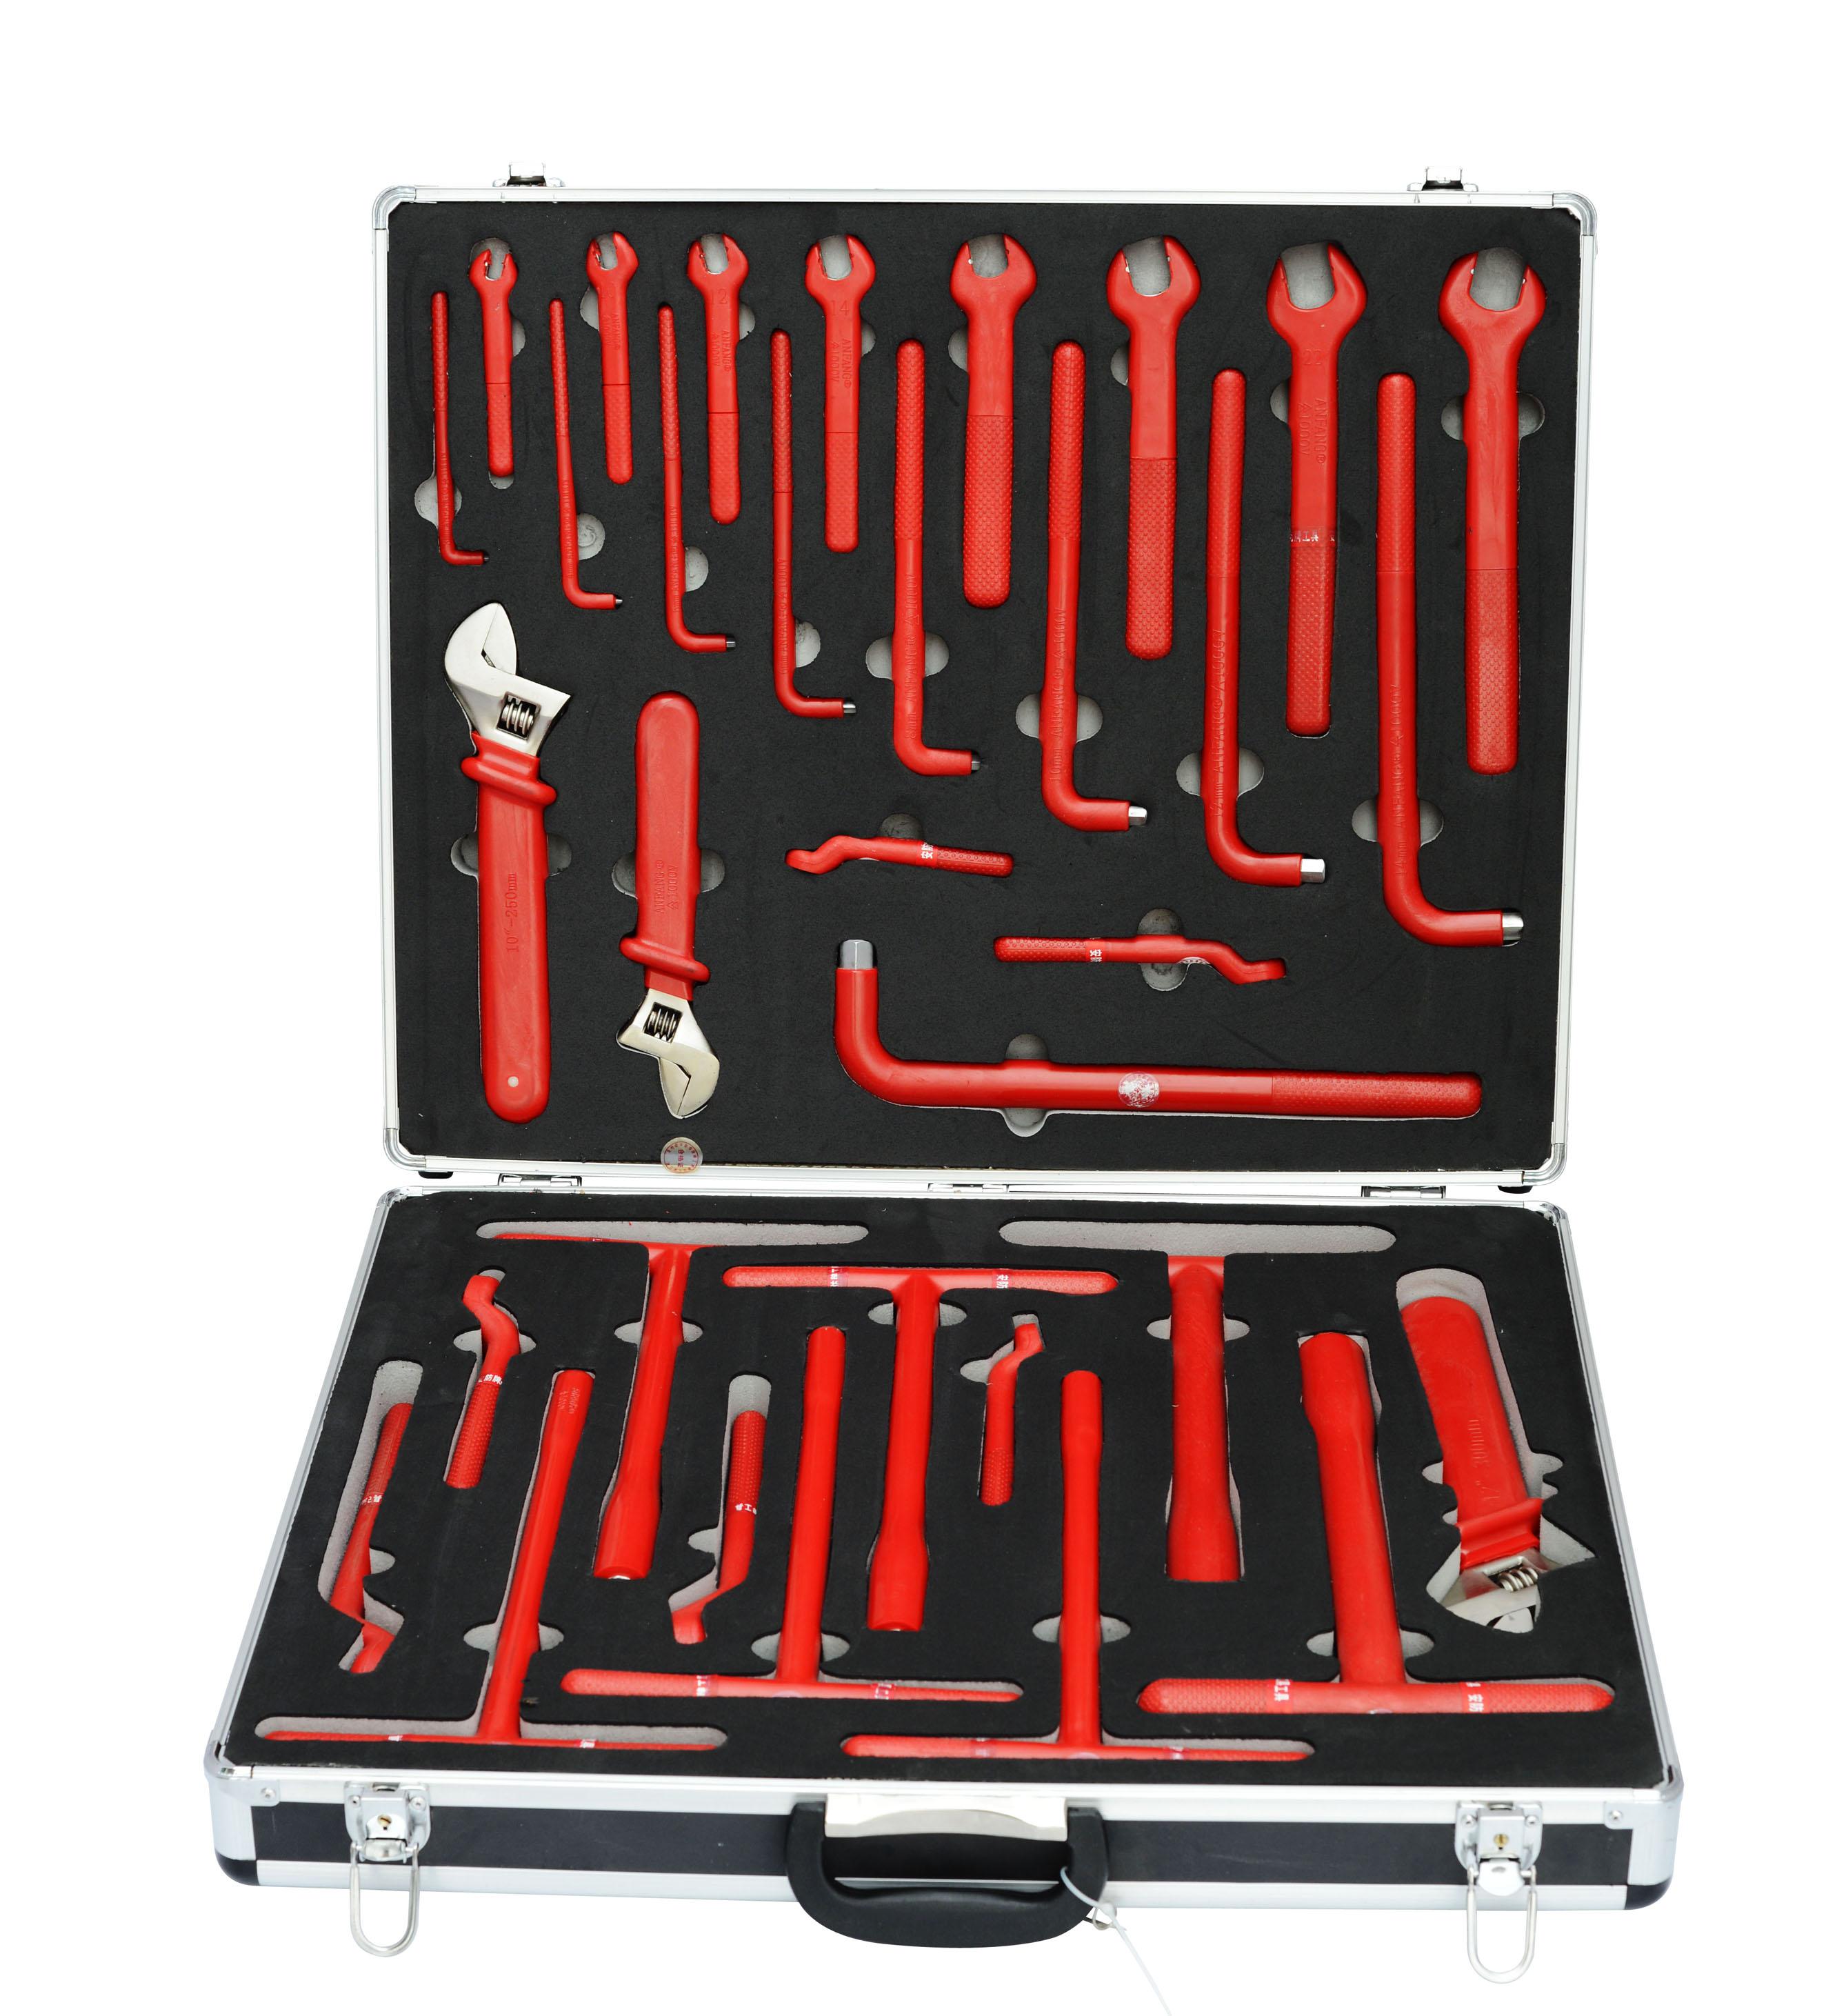 高档绝缘工具套装33件1000V安防著名品牌工具专业生产厂家